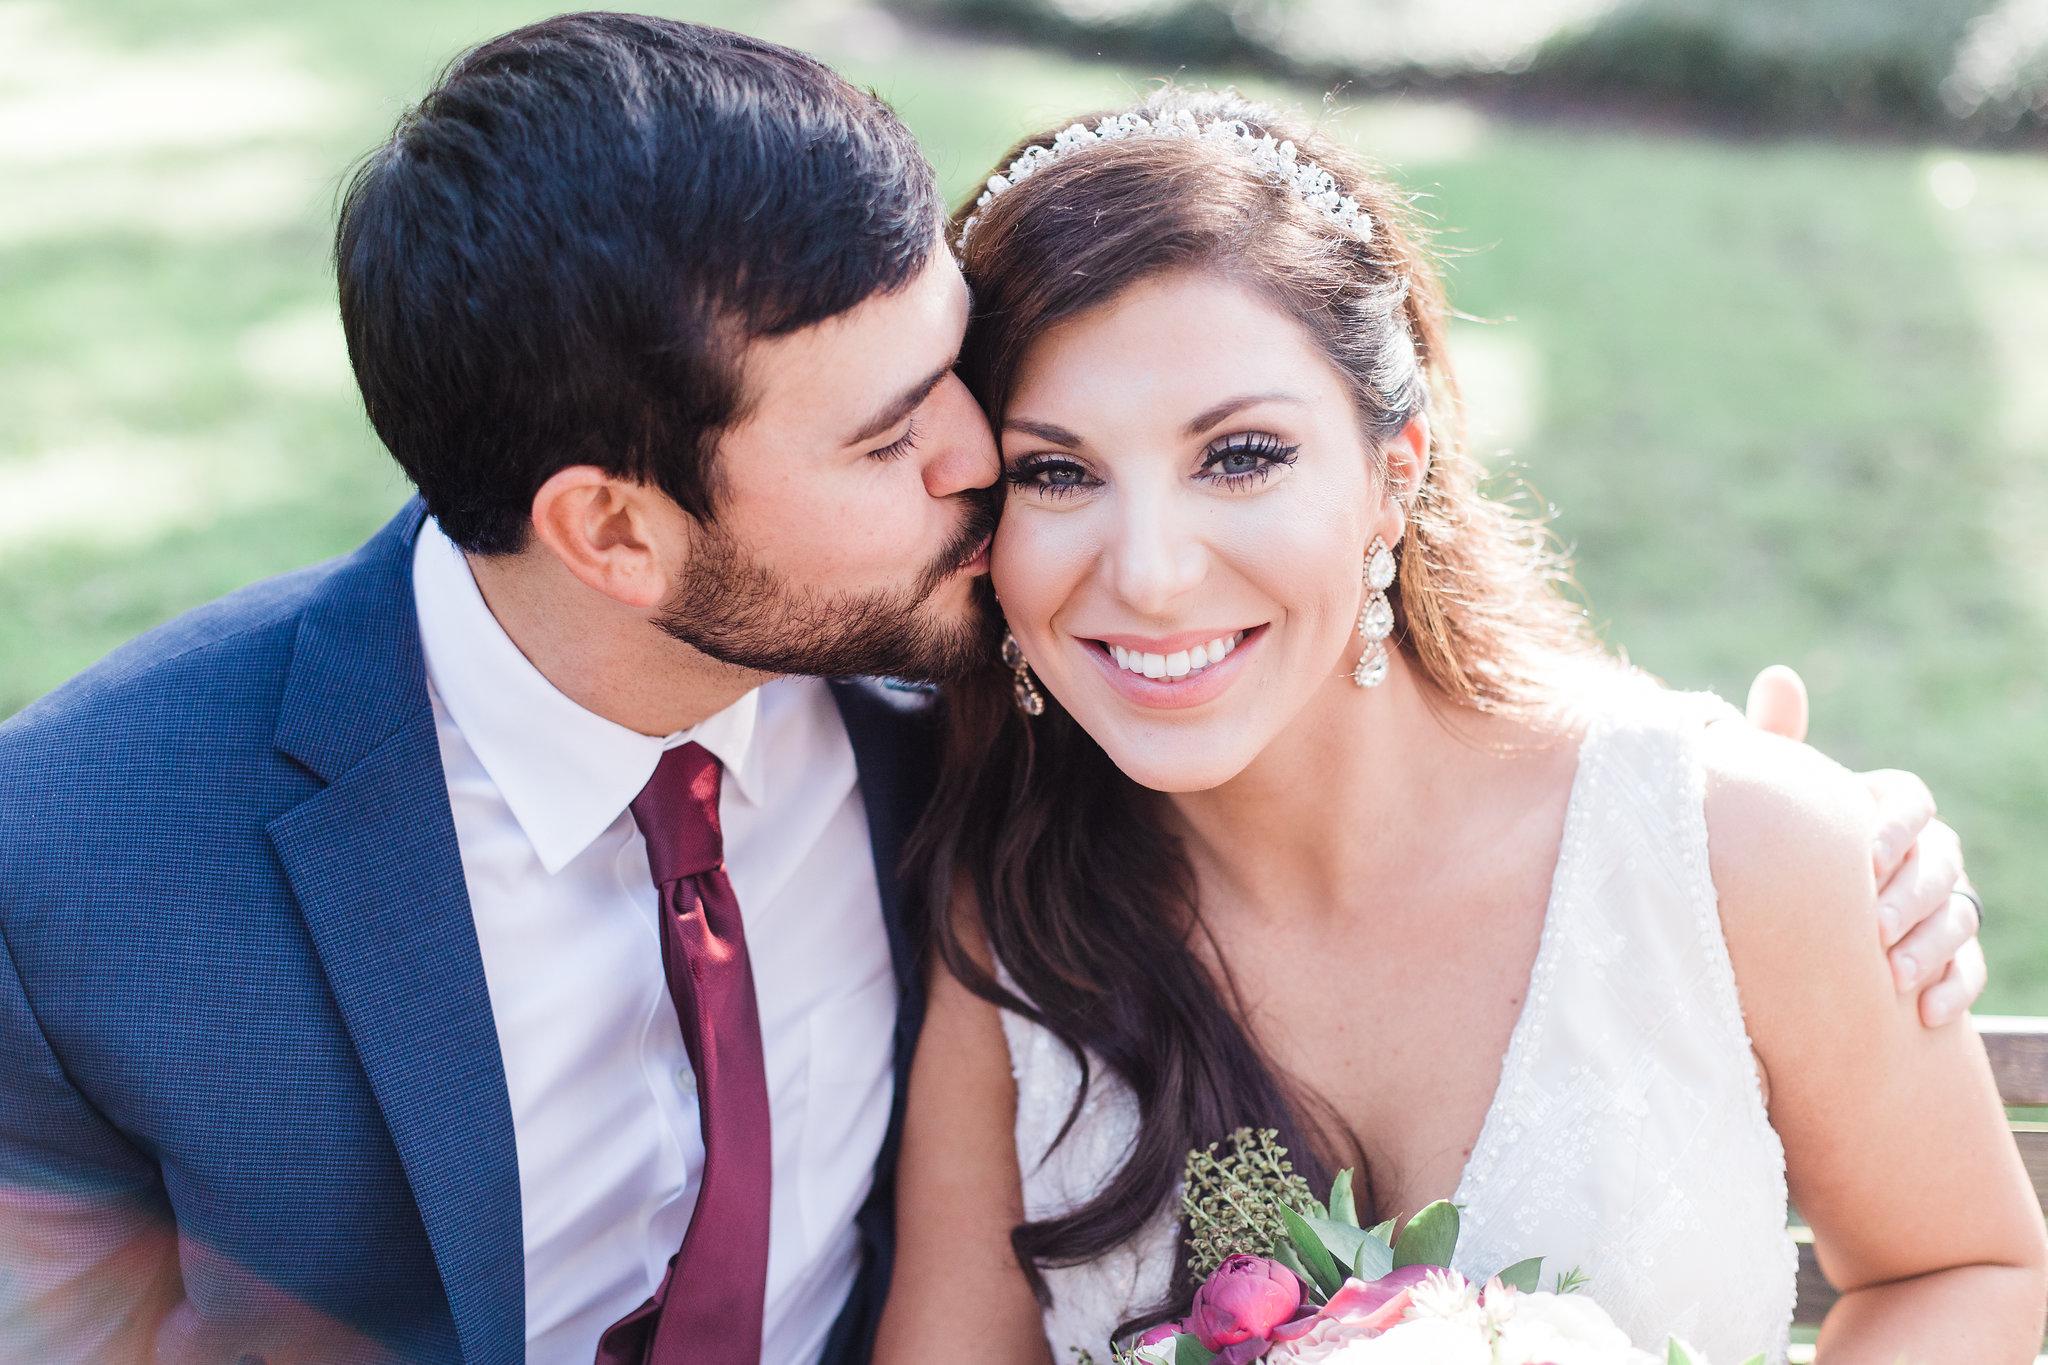 apt-b-photography-lindsey-shawn-Savannah-wedding-photographer-savannah-elopement-photographer-historic-savannah-elopement-savannah-weddings-hilton-head-wedding-photographer-jekyll-island-wedding-photographer-15.jpg